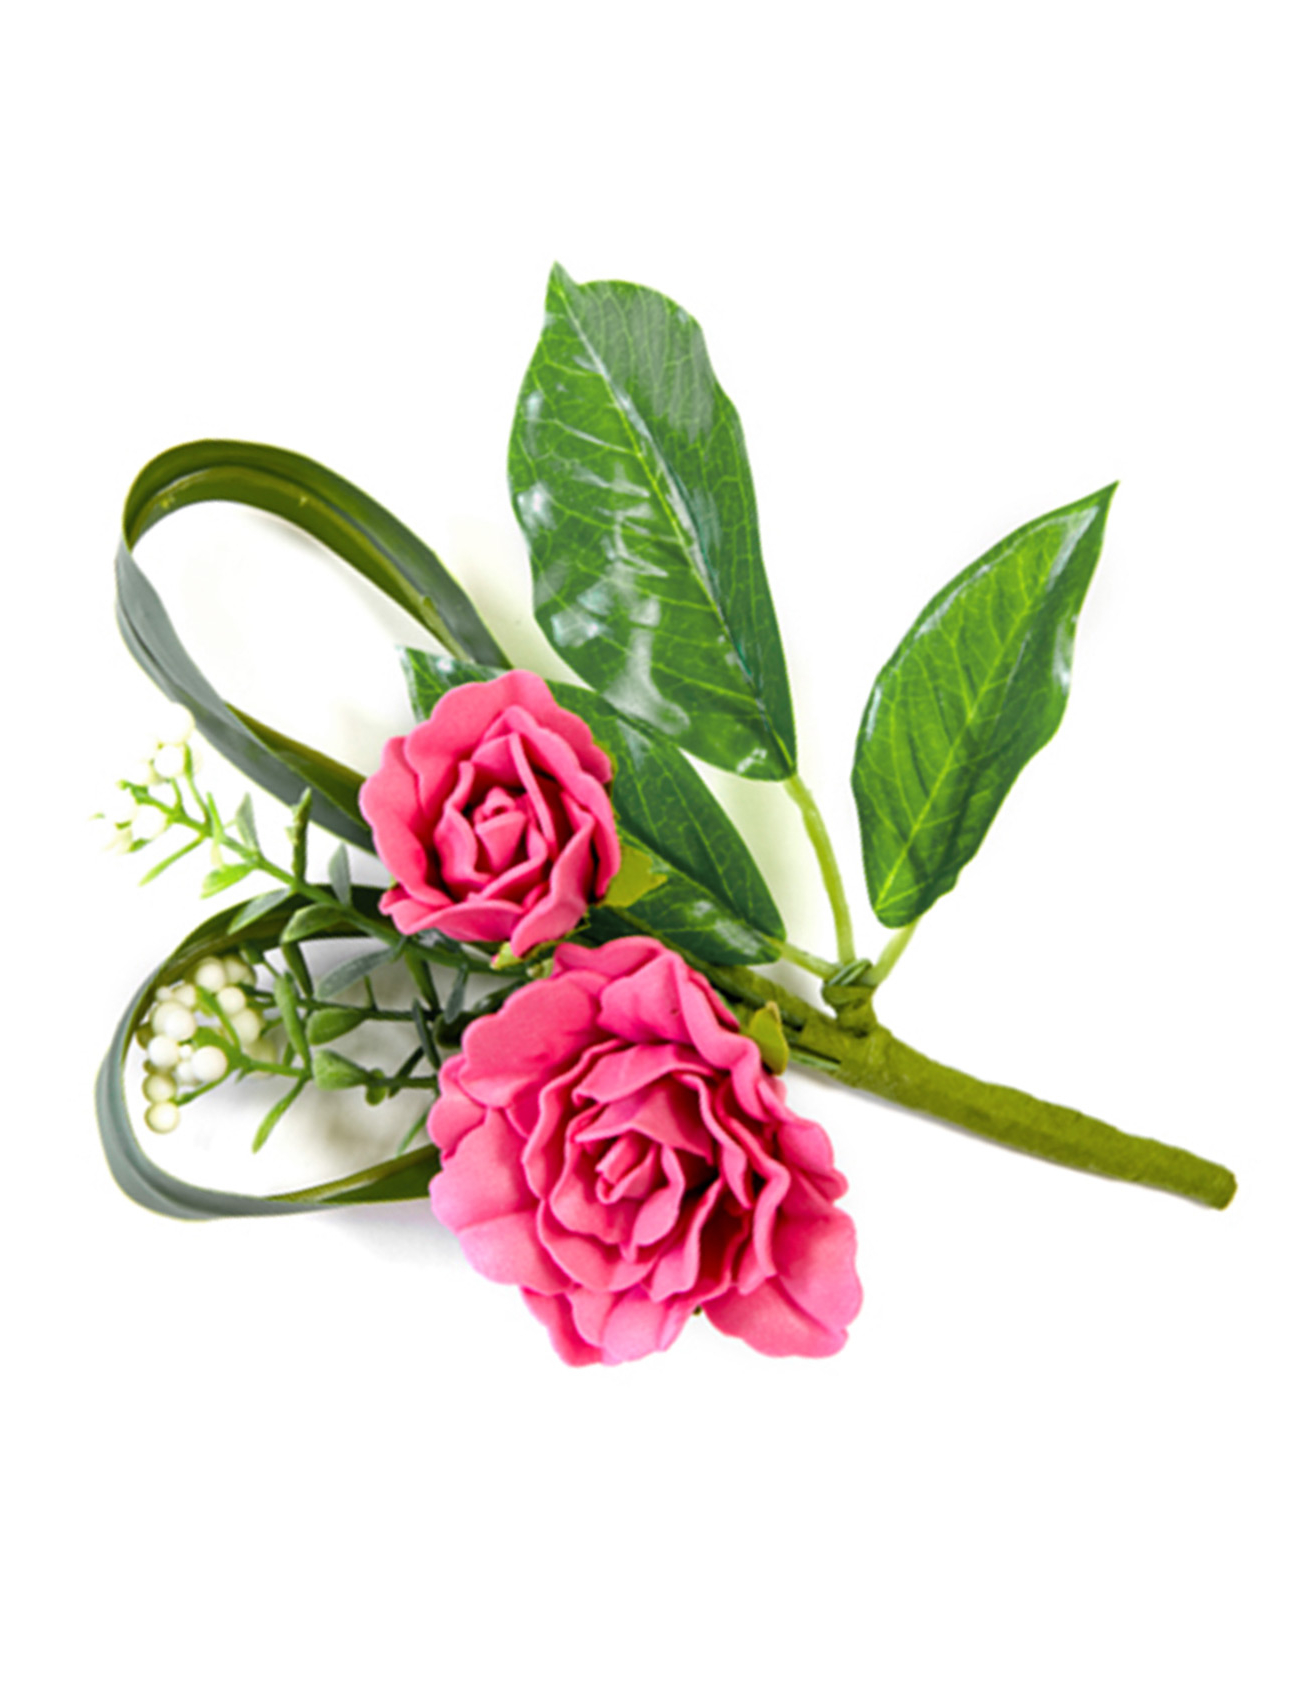 rosen blumenstrau dekoration kunstblume pink gr n. Black Bedroom Furniture Sets. Home Design Ideas